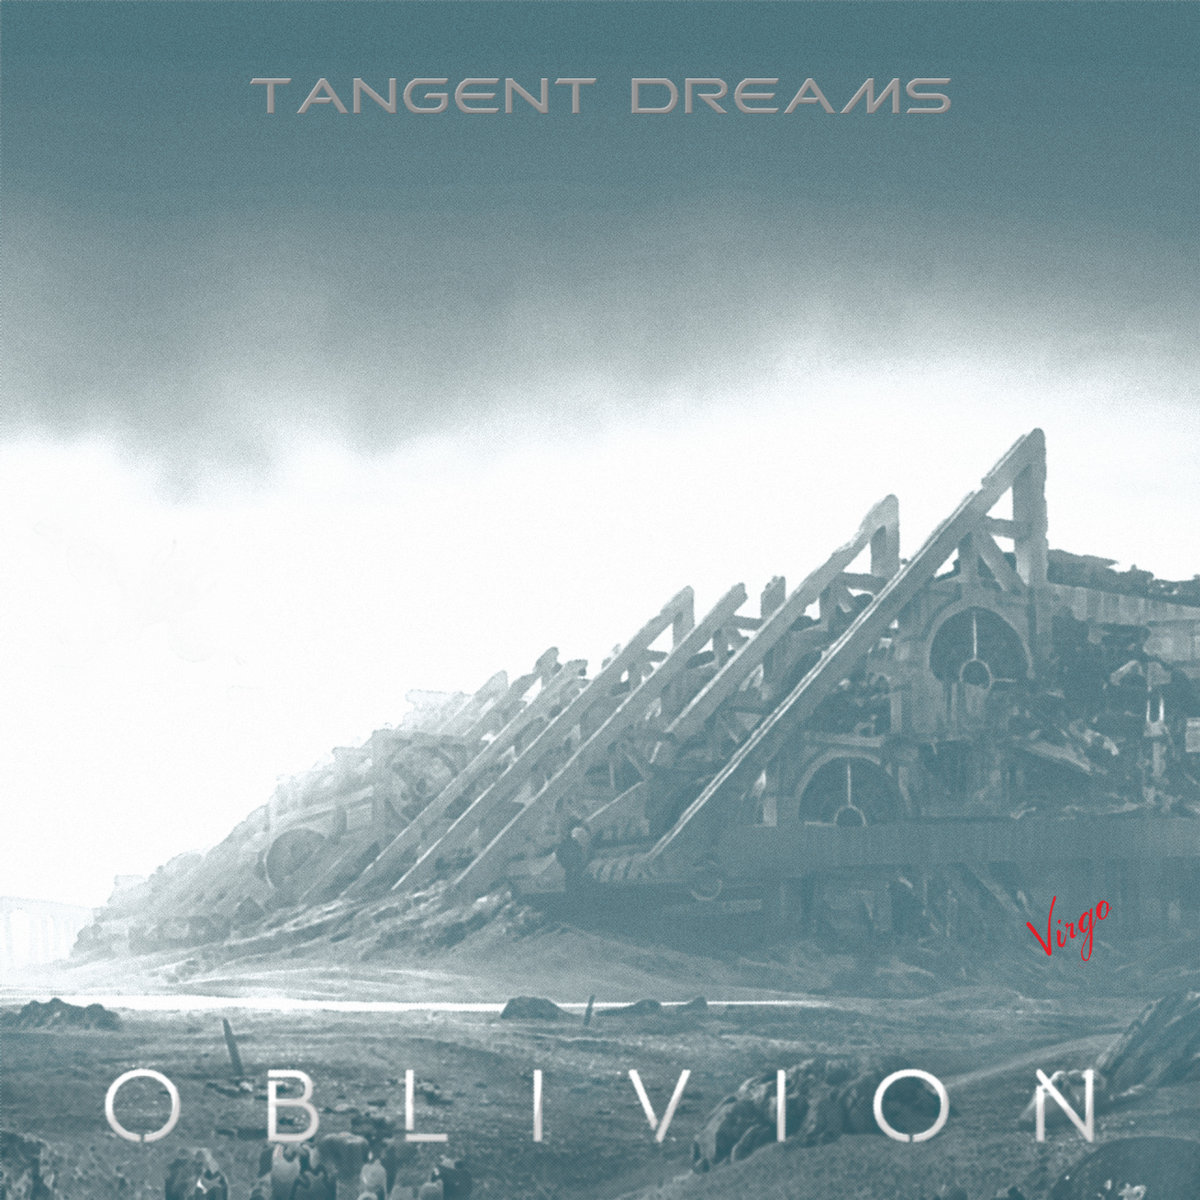 Oblivion | Tangent Dreams